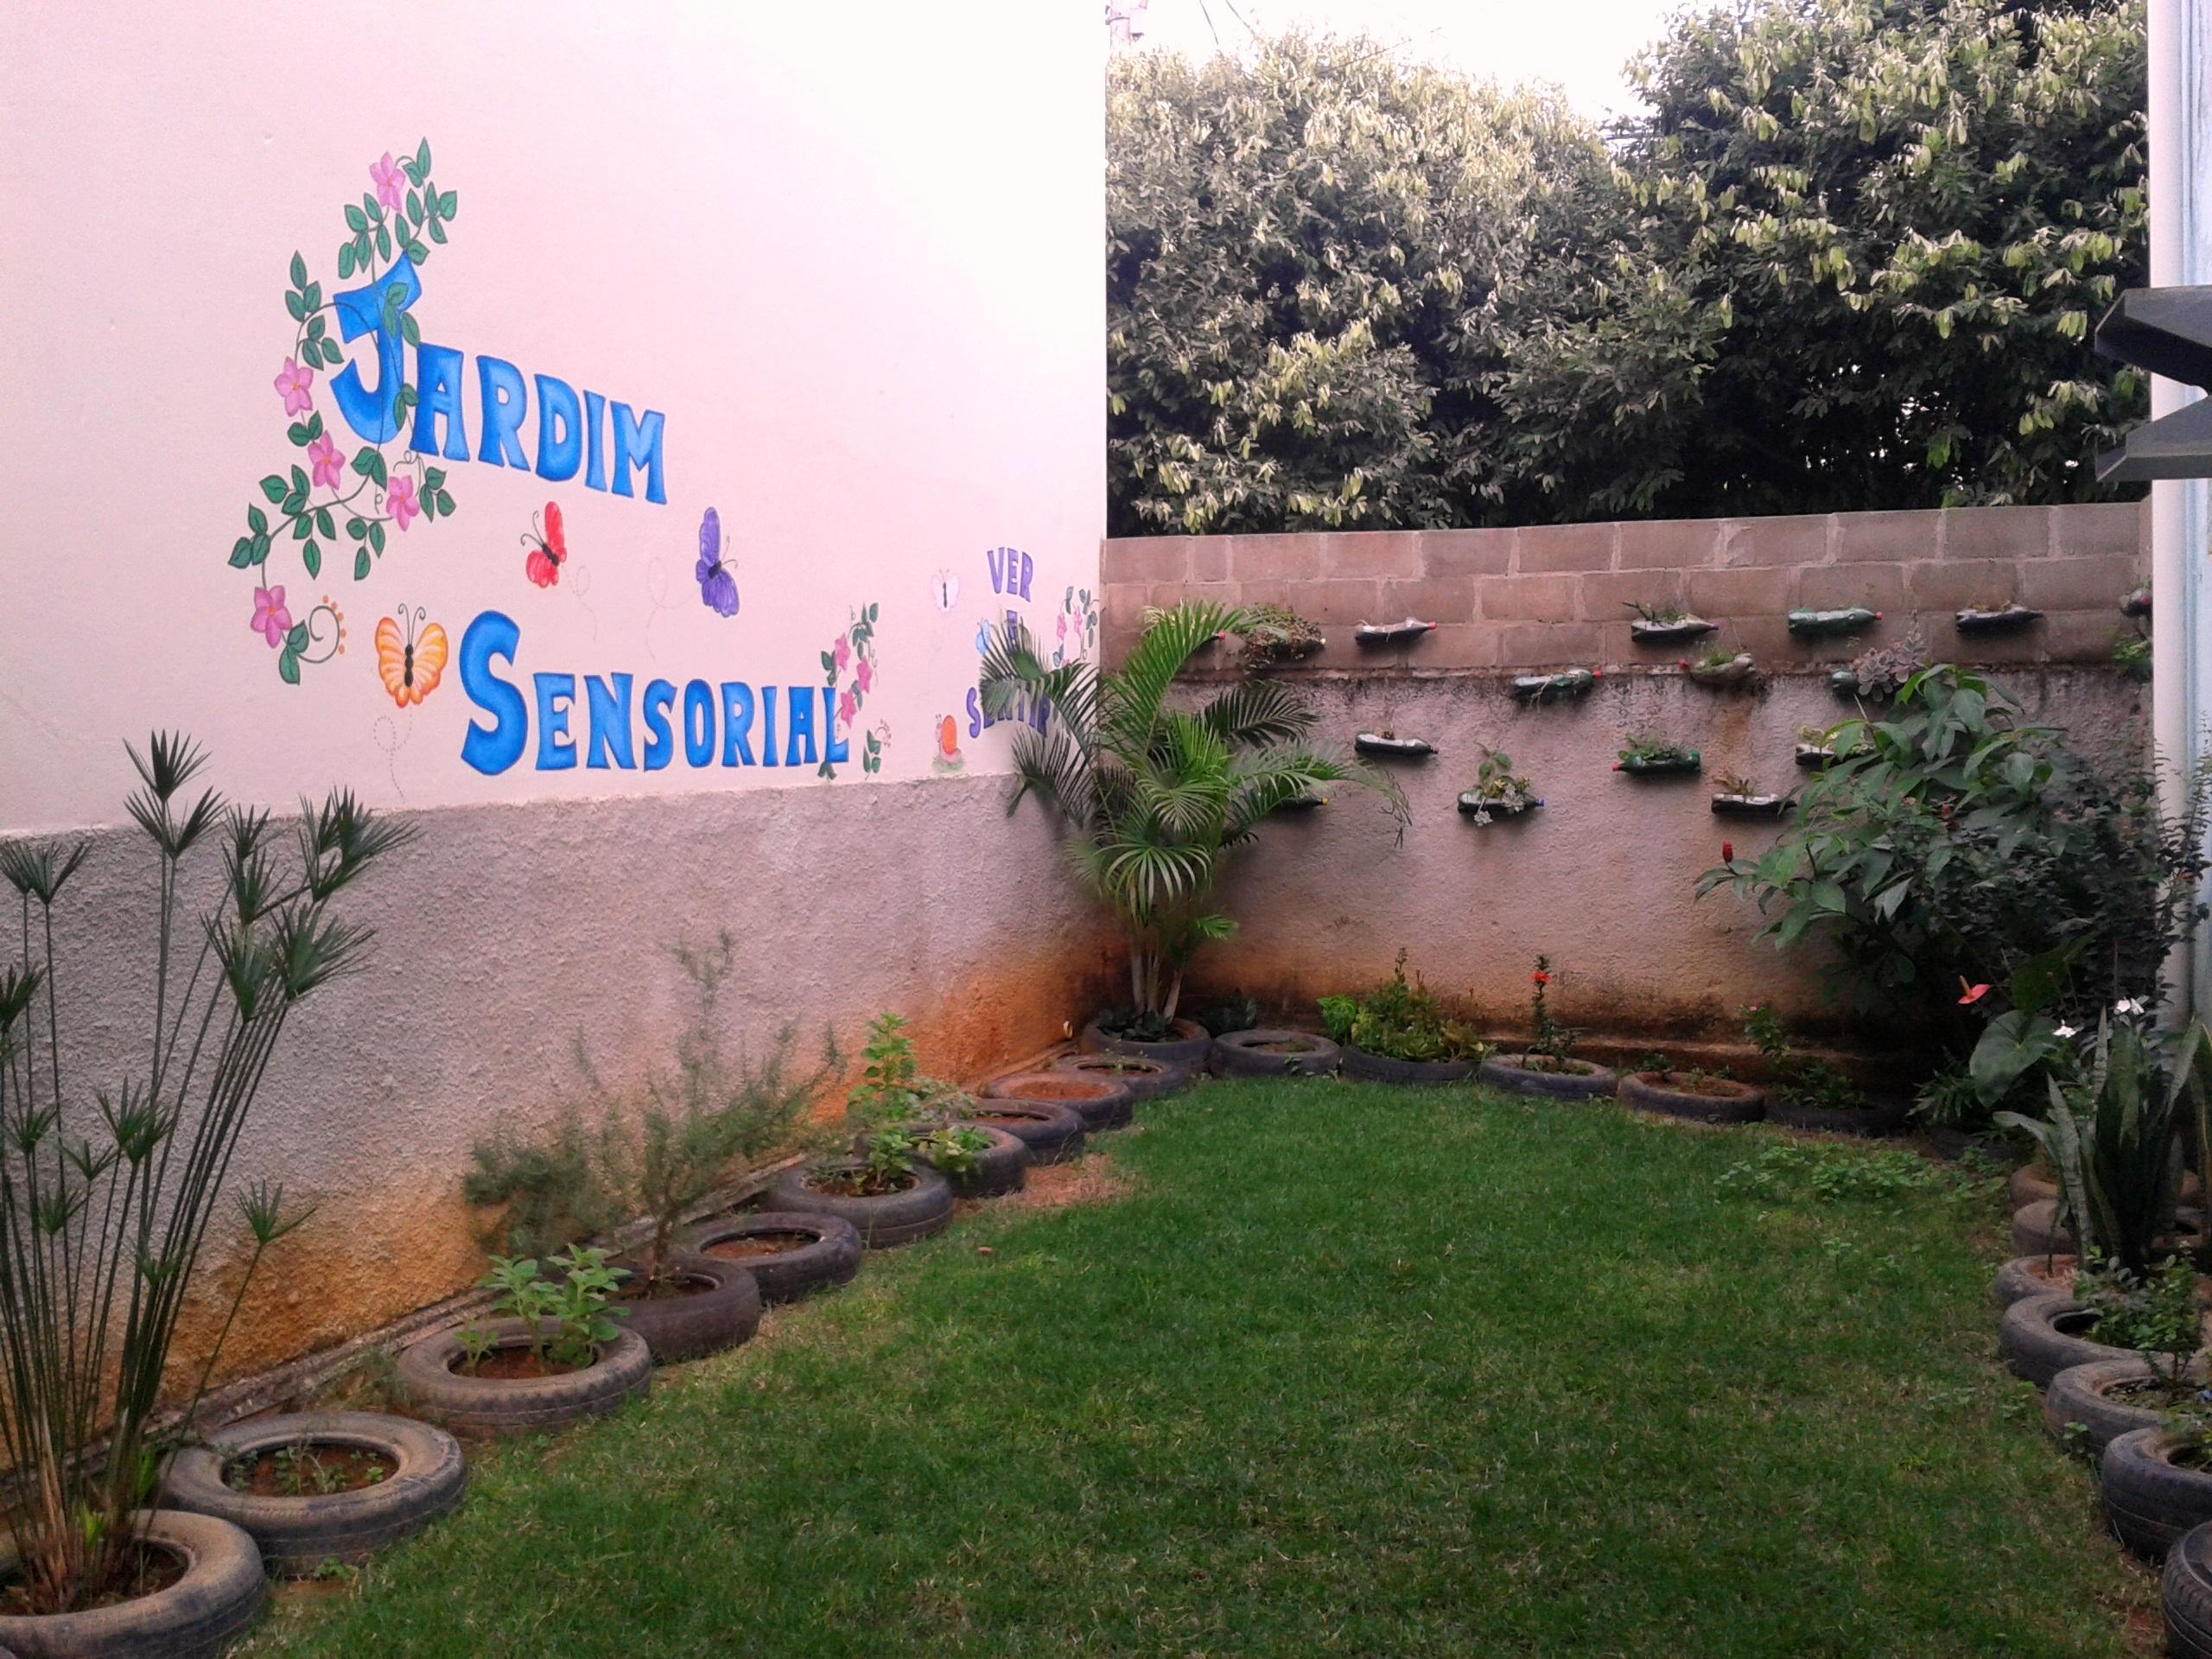 Jardim Sensorial ajuda crianças a respeitarem o meio ambiente